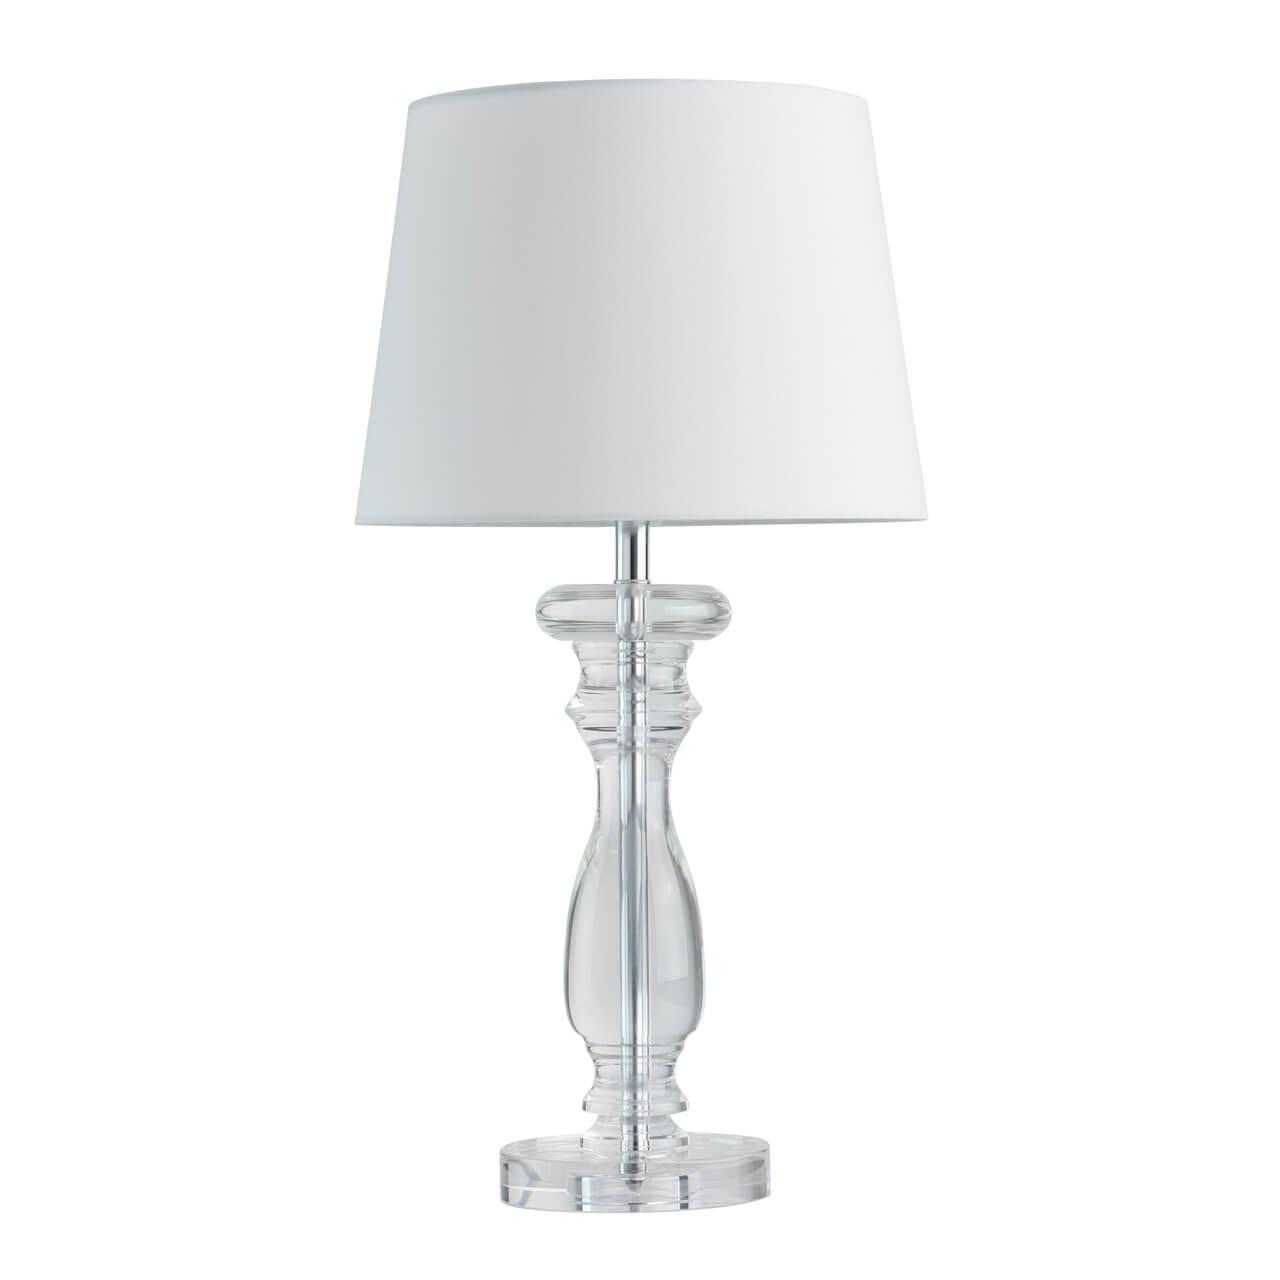 Настольная лампа Chiaro София 355034101 бра chiaro 355022101 софия